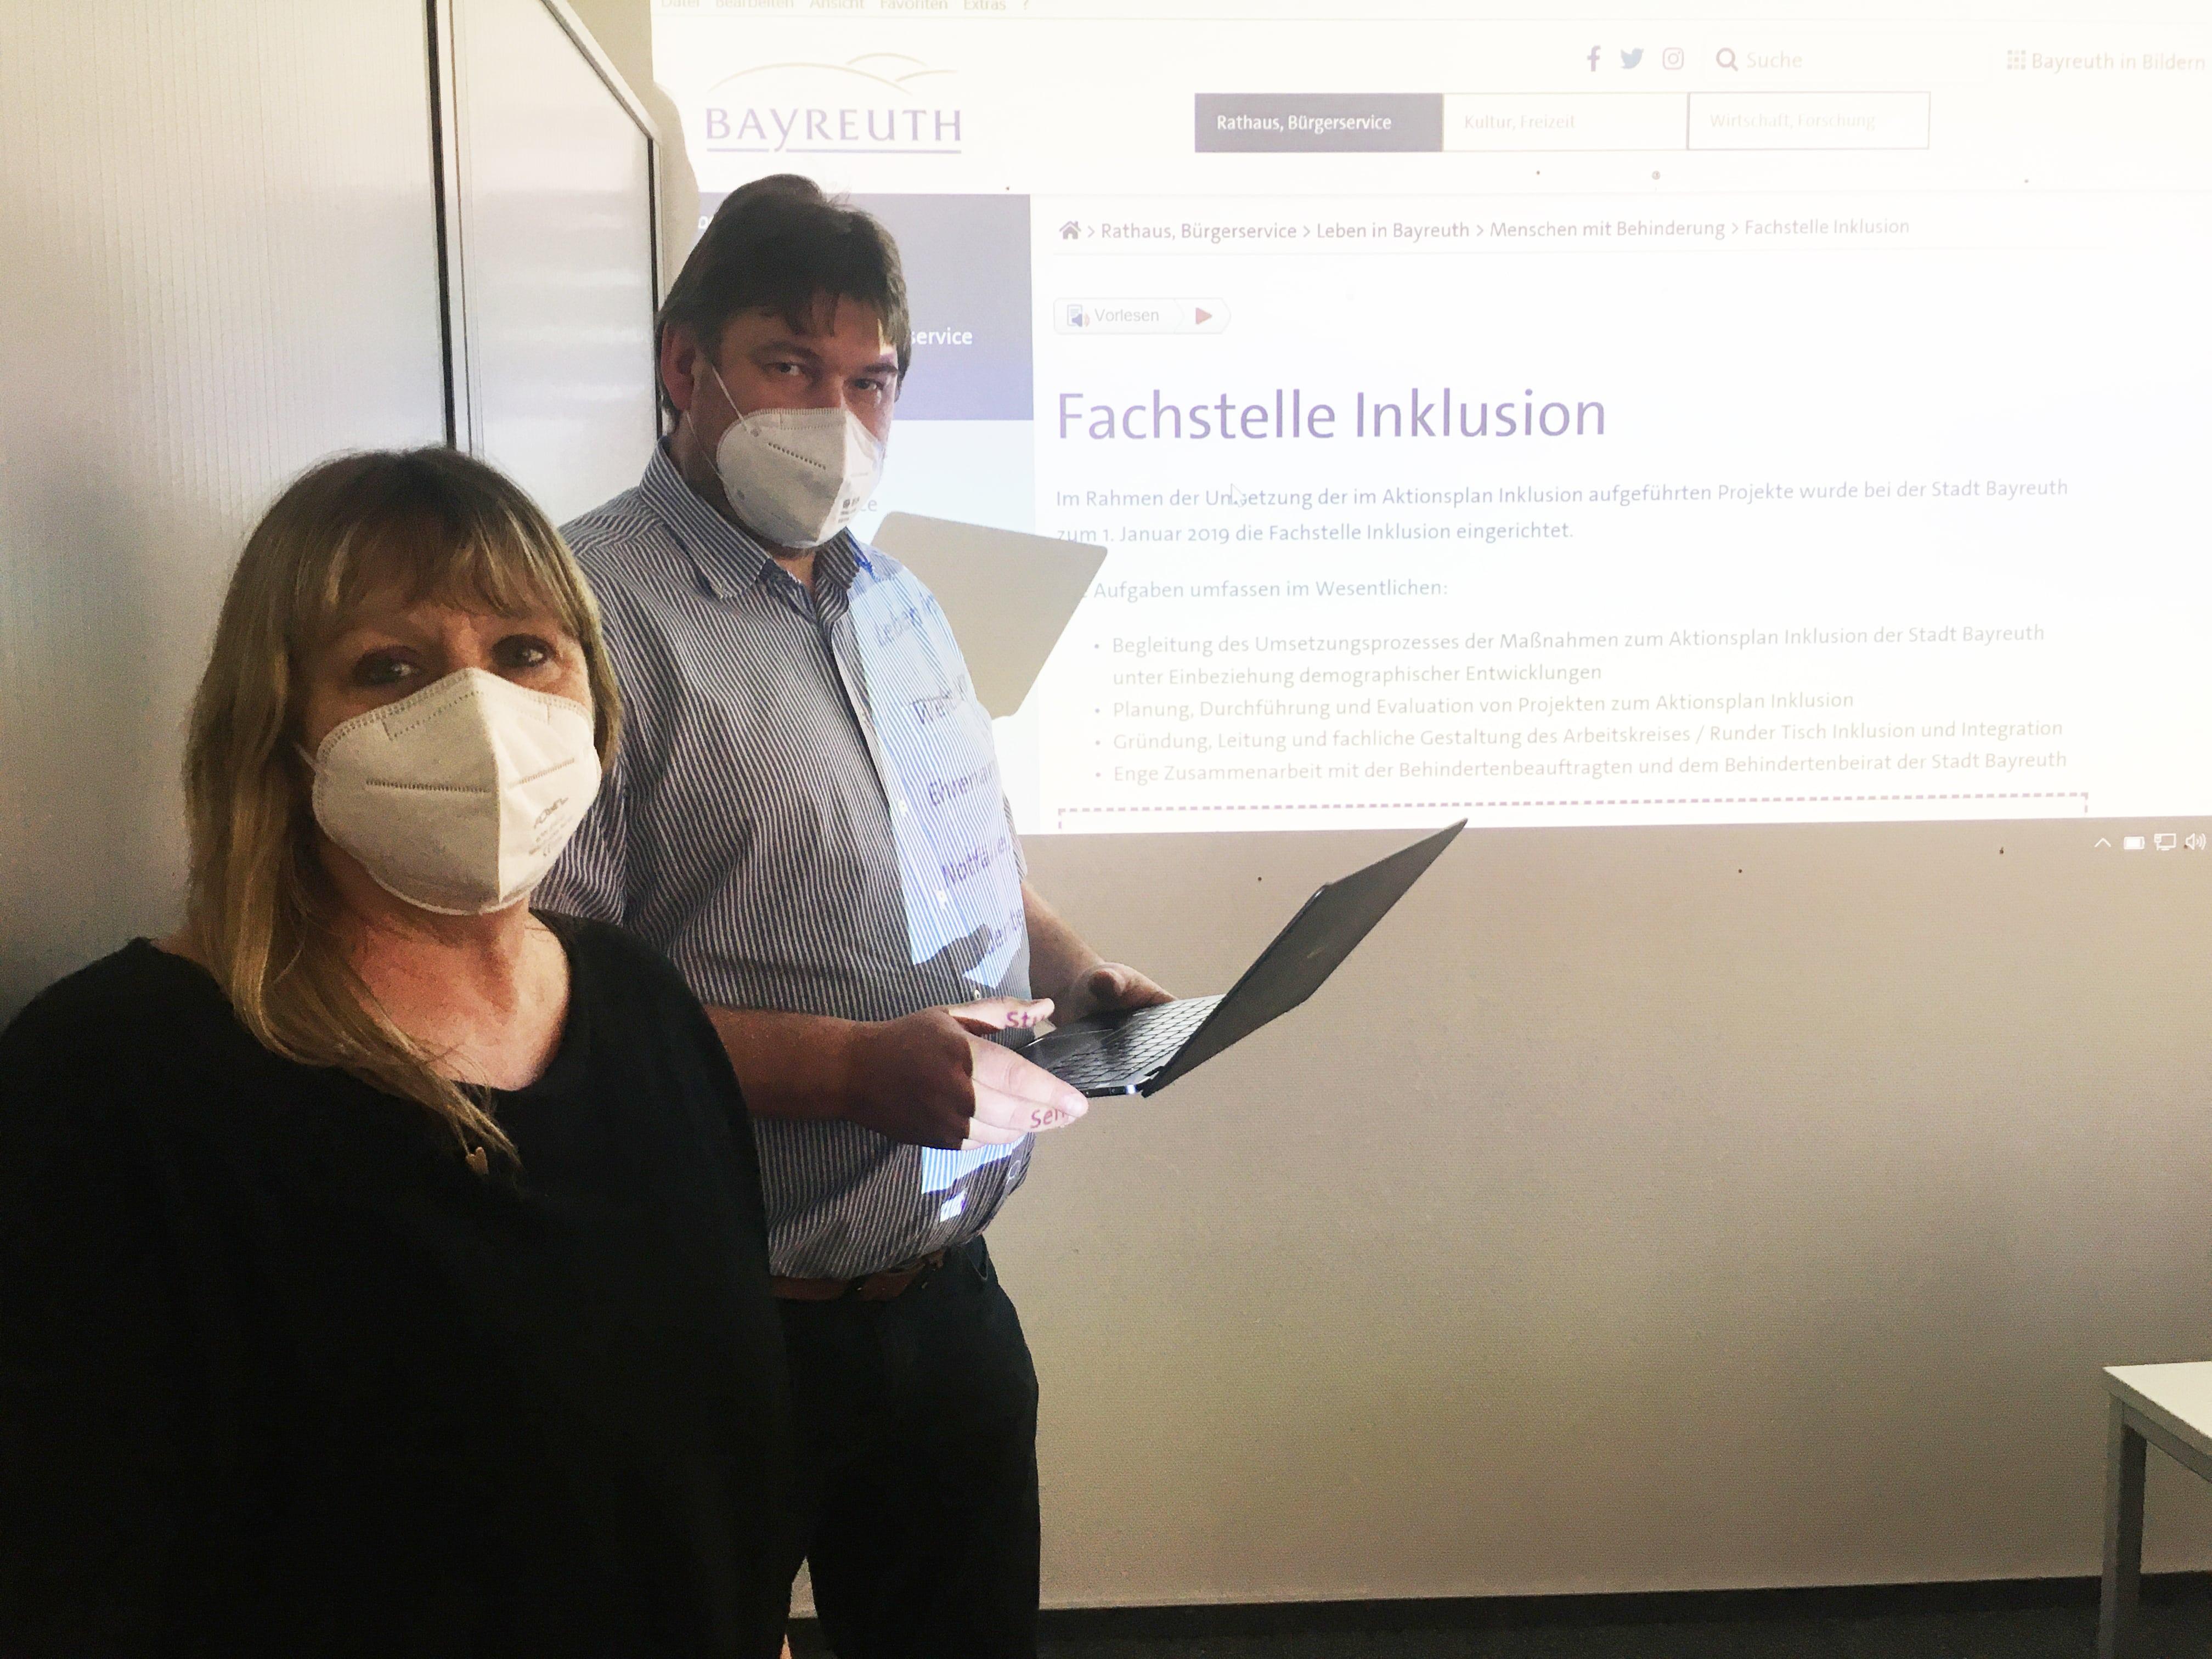 Frau Lebershausen (Fachstelle Inklusion) und Herr Höhmann (Mitglied des Behindertenbeirates) stehend vor Leinwand mit Bild der Homepage der Fachstelle Inklusion im Hintergrund.